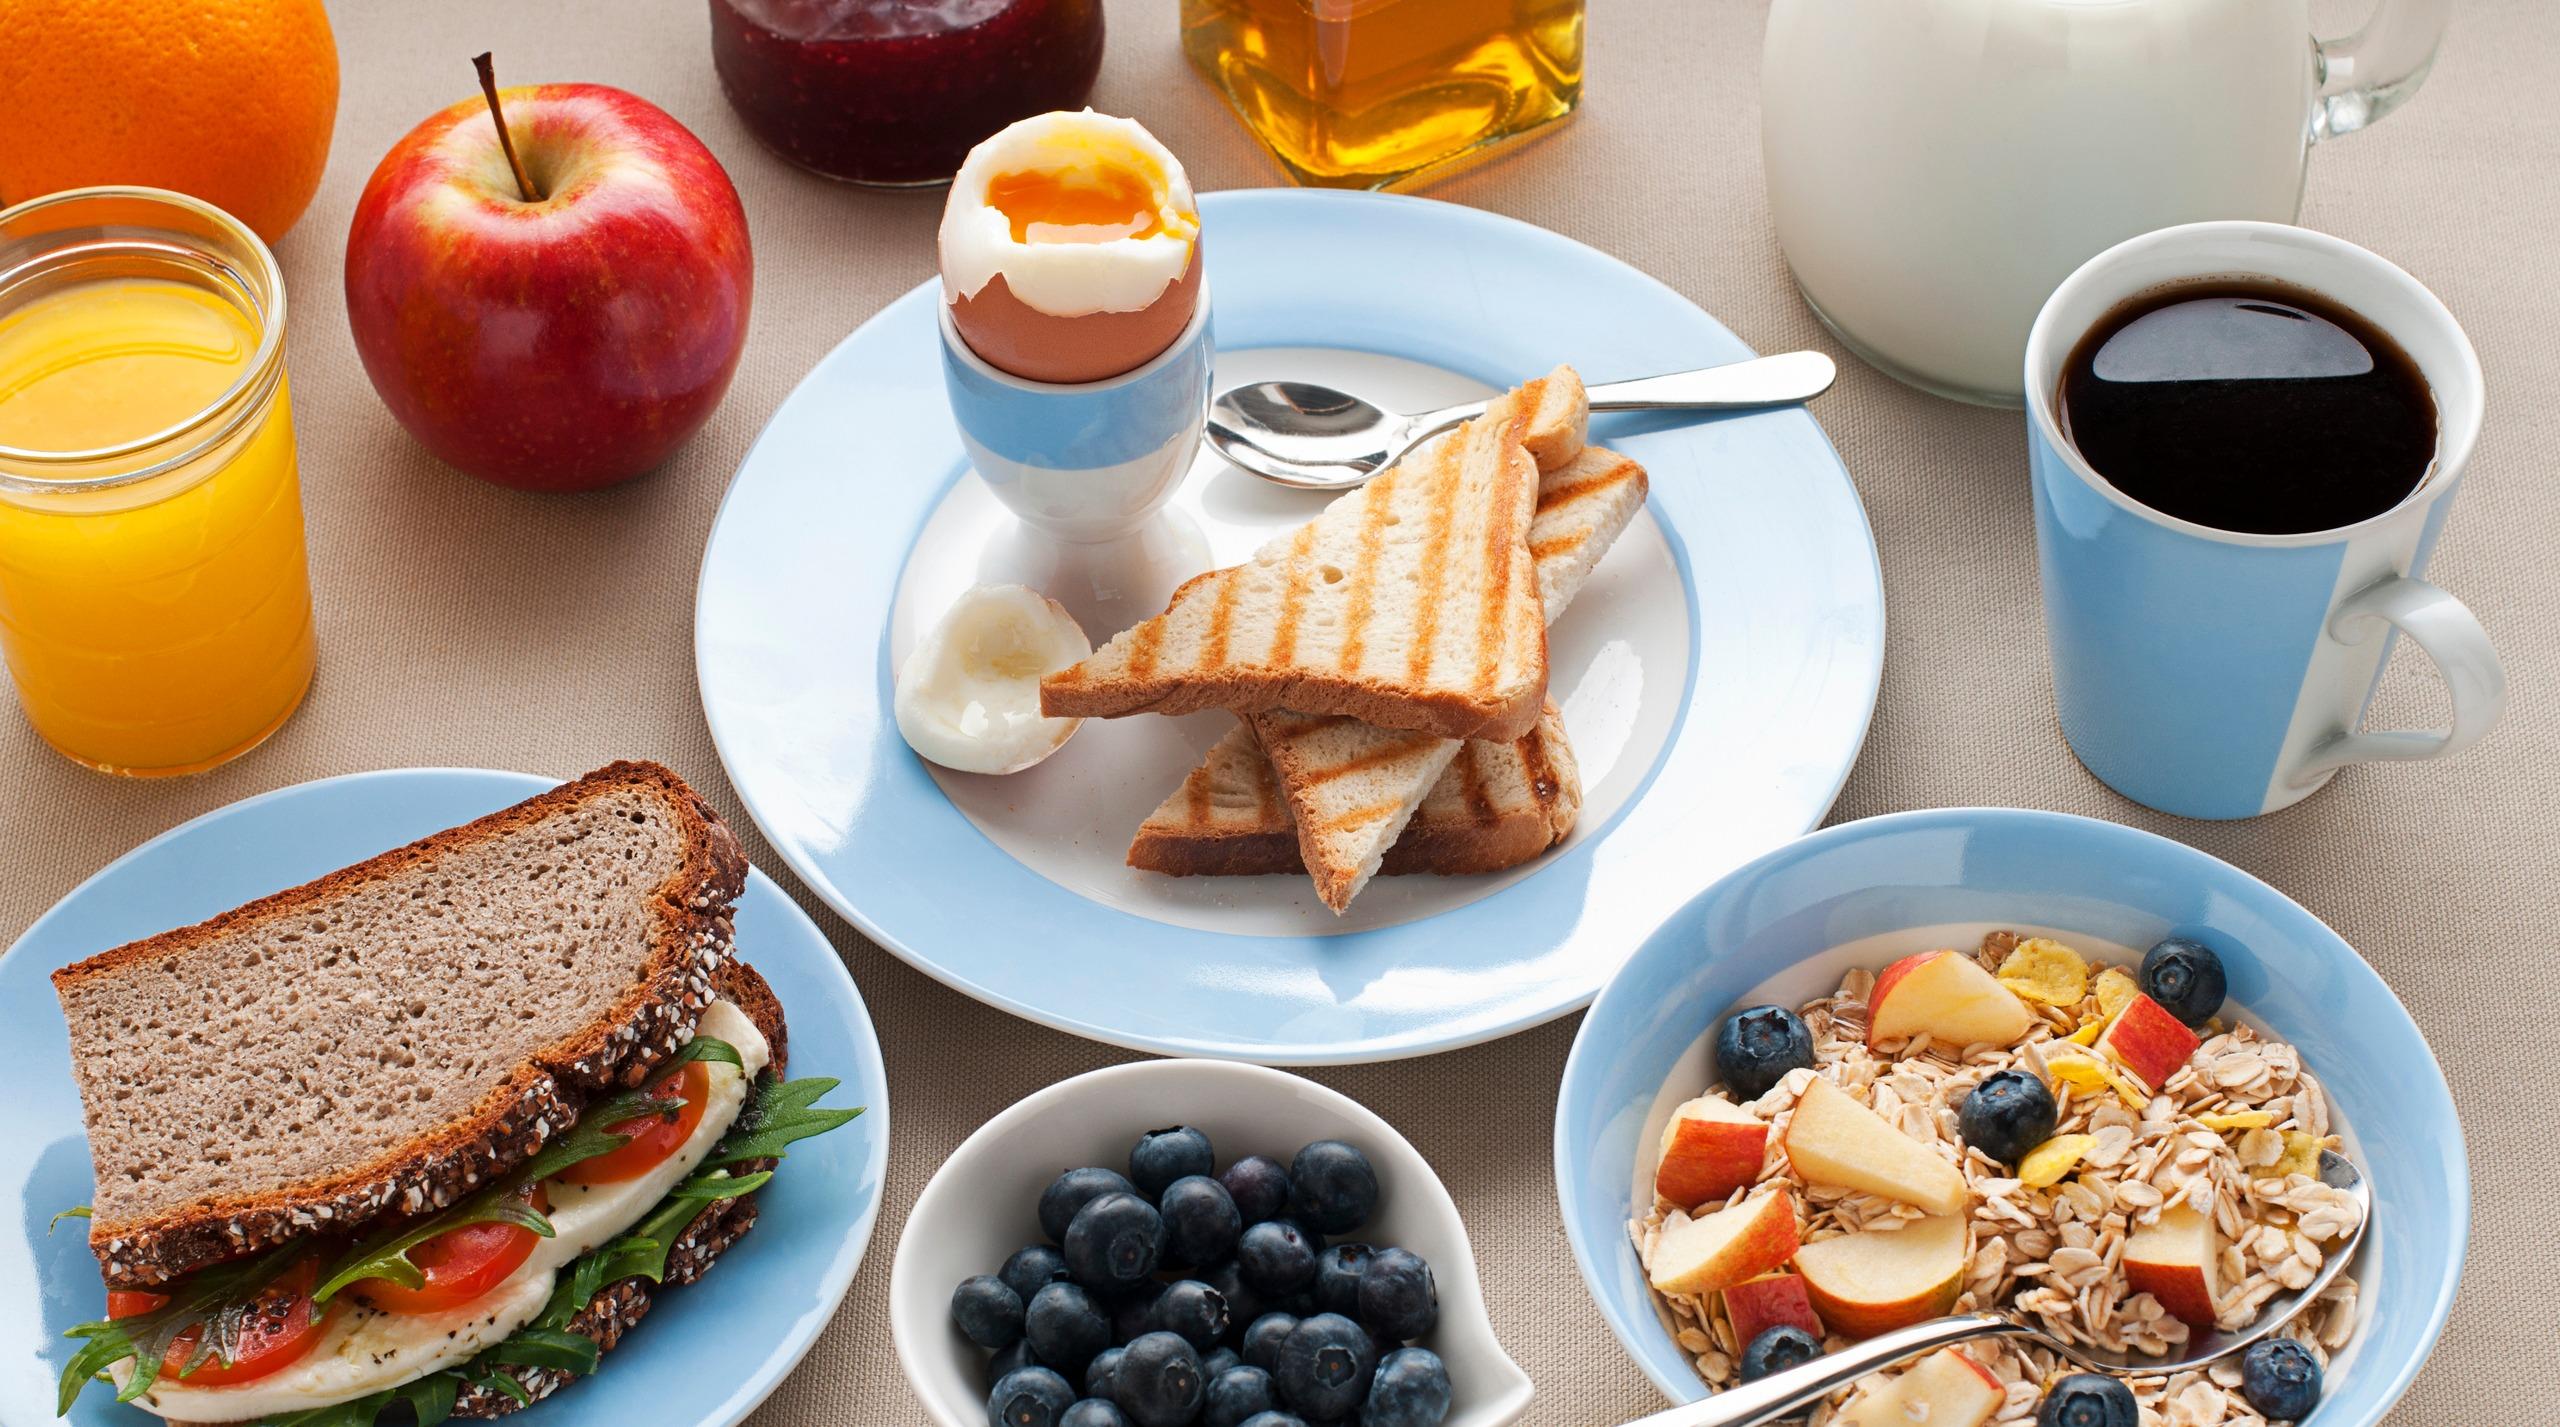 Van-e jelentősége az étkezés gyakoriságának? - Egészségtüköenfc2016.hu